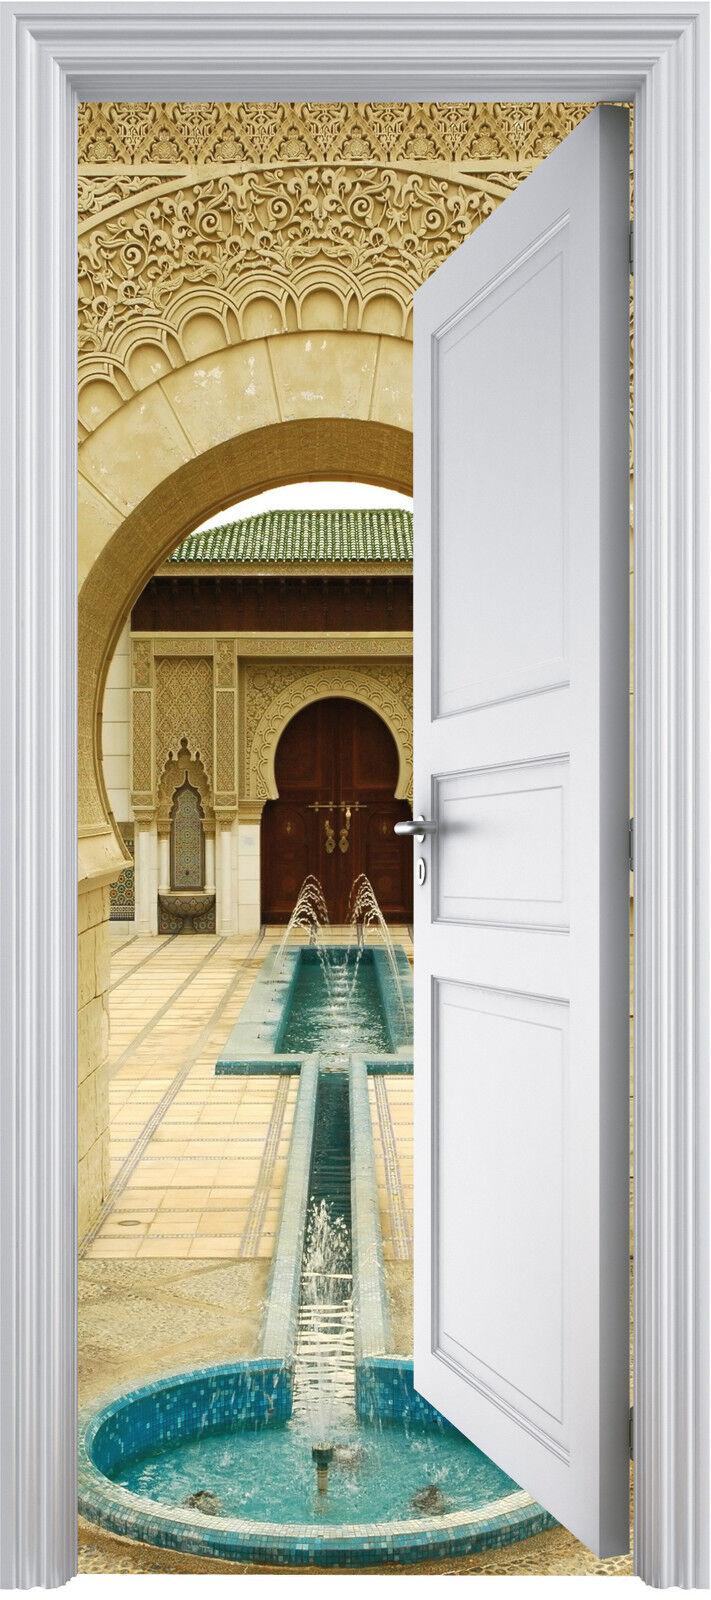 Adhesivo Puerta Trompa Trampantojo Palacio Oriental 90x200 cm Ref 311